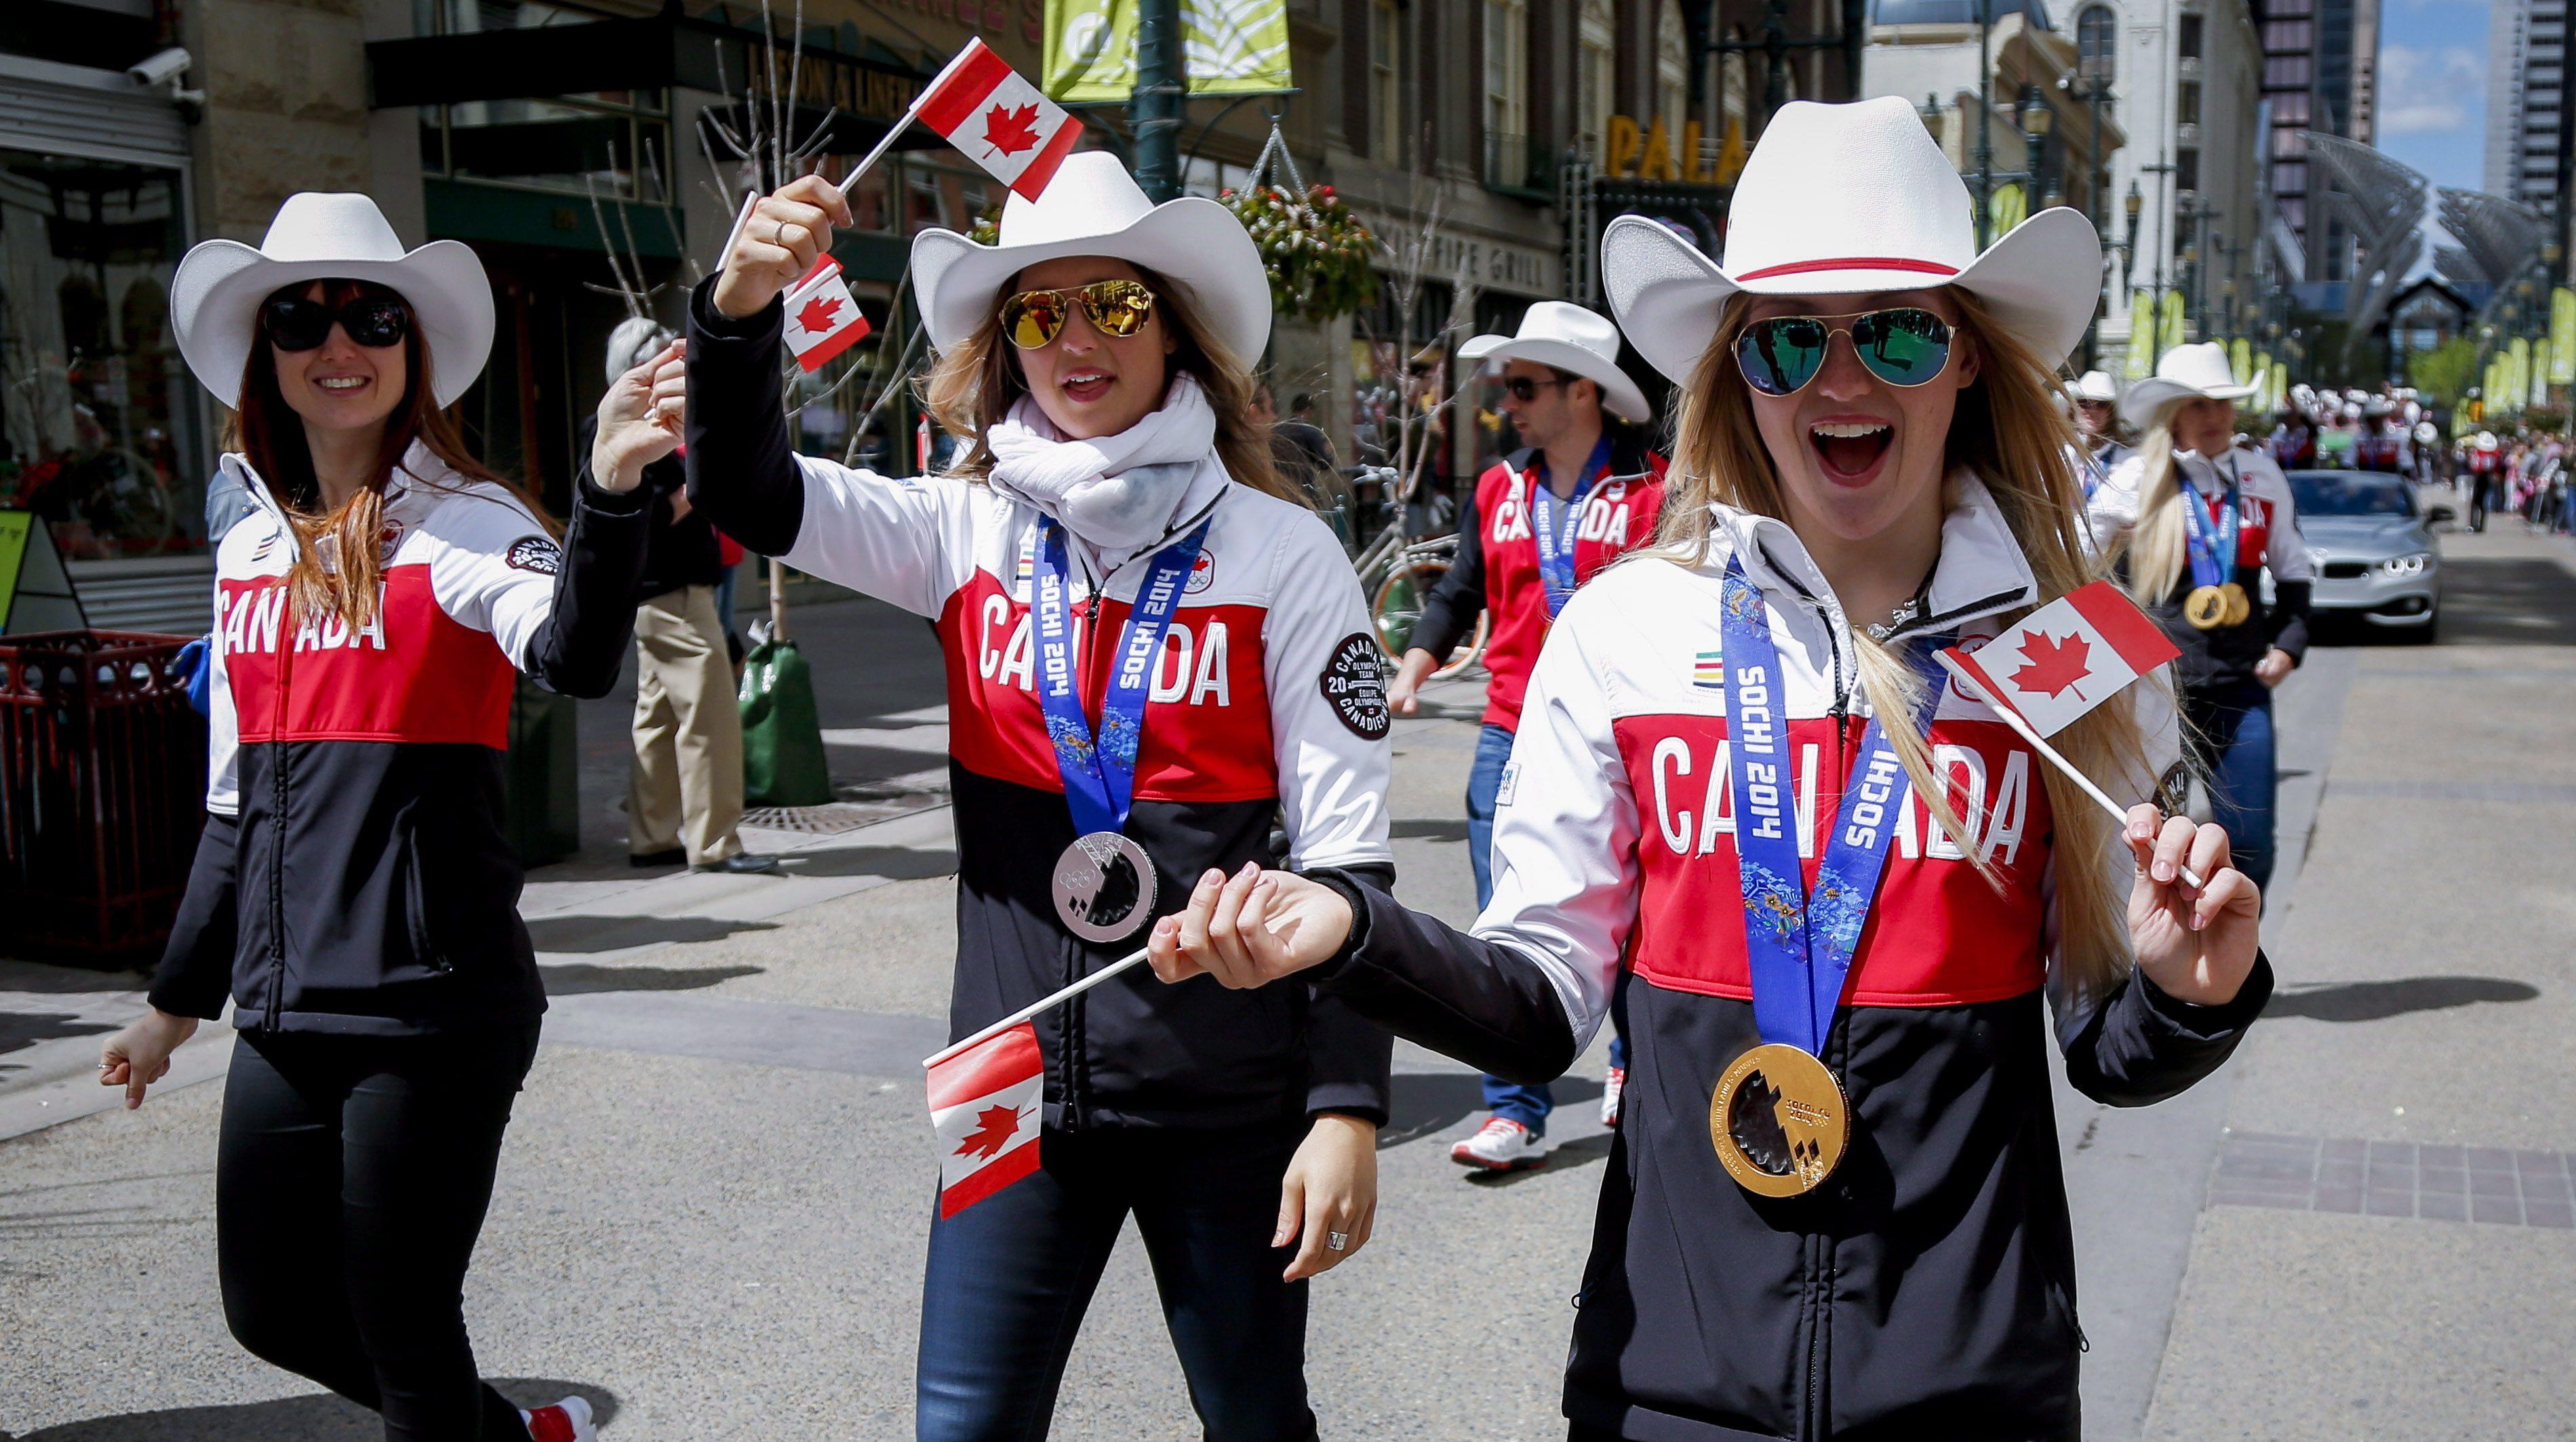 Trois athlètes marchent dans les rues de Calgary.